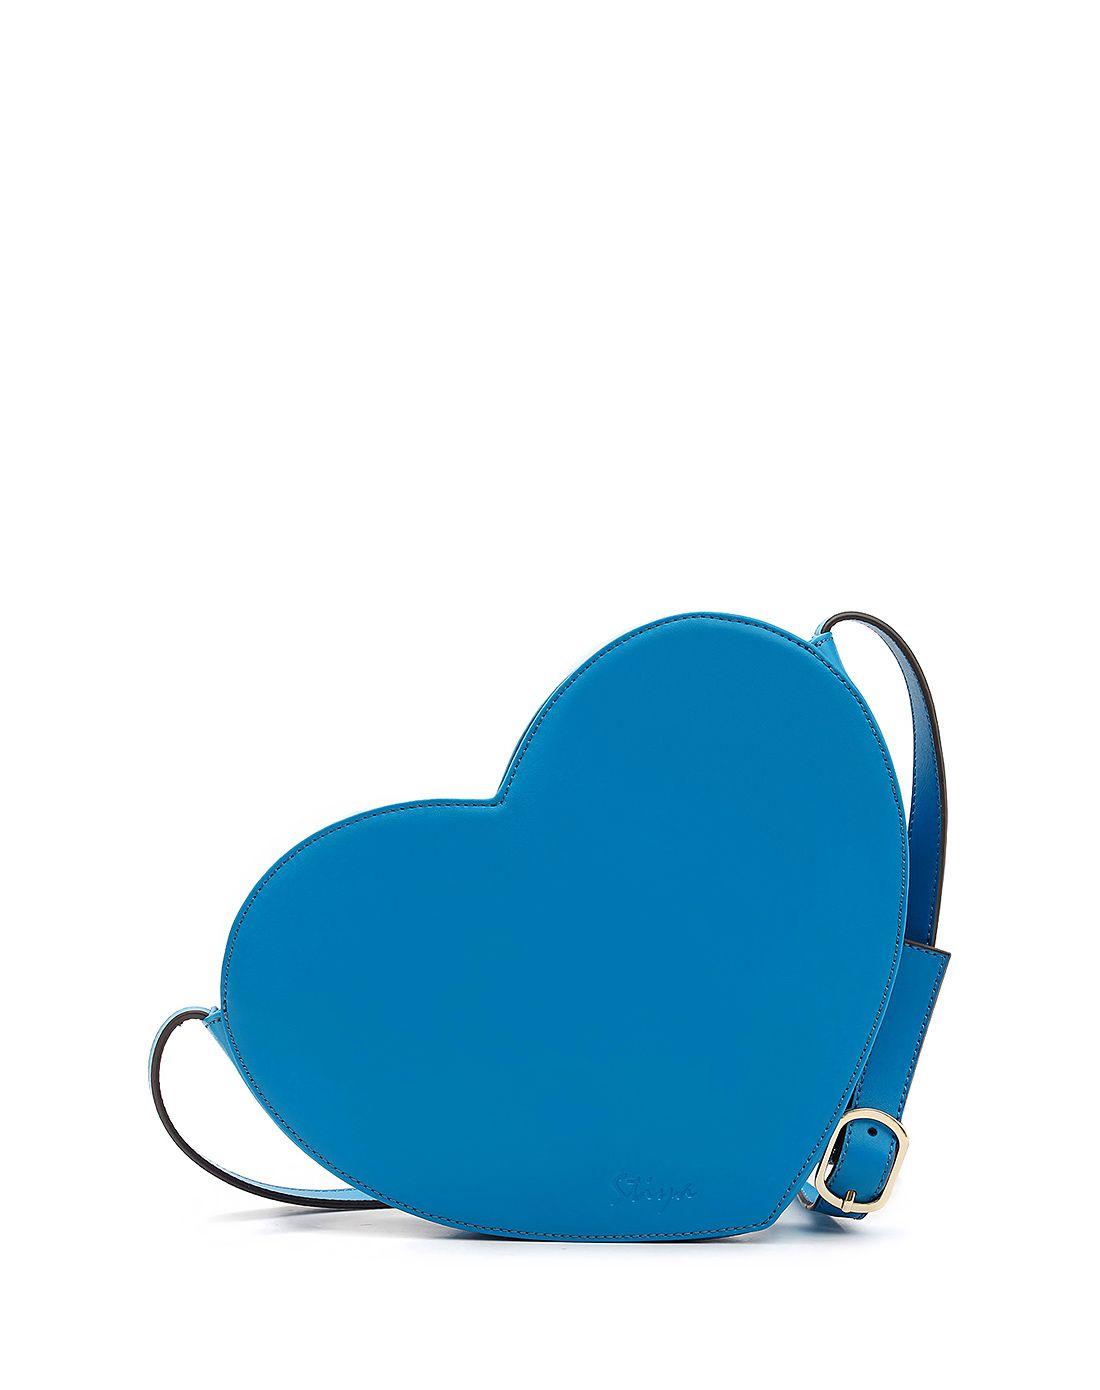 蓝色浪漫可爱心形单肩斜挎包